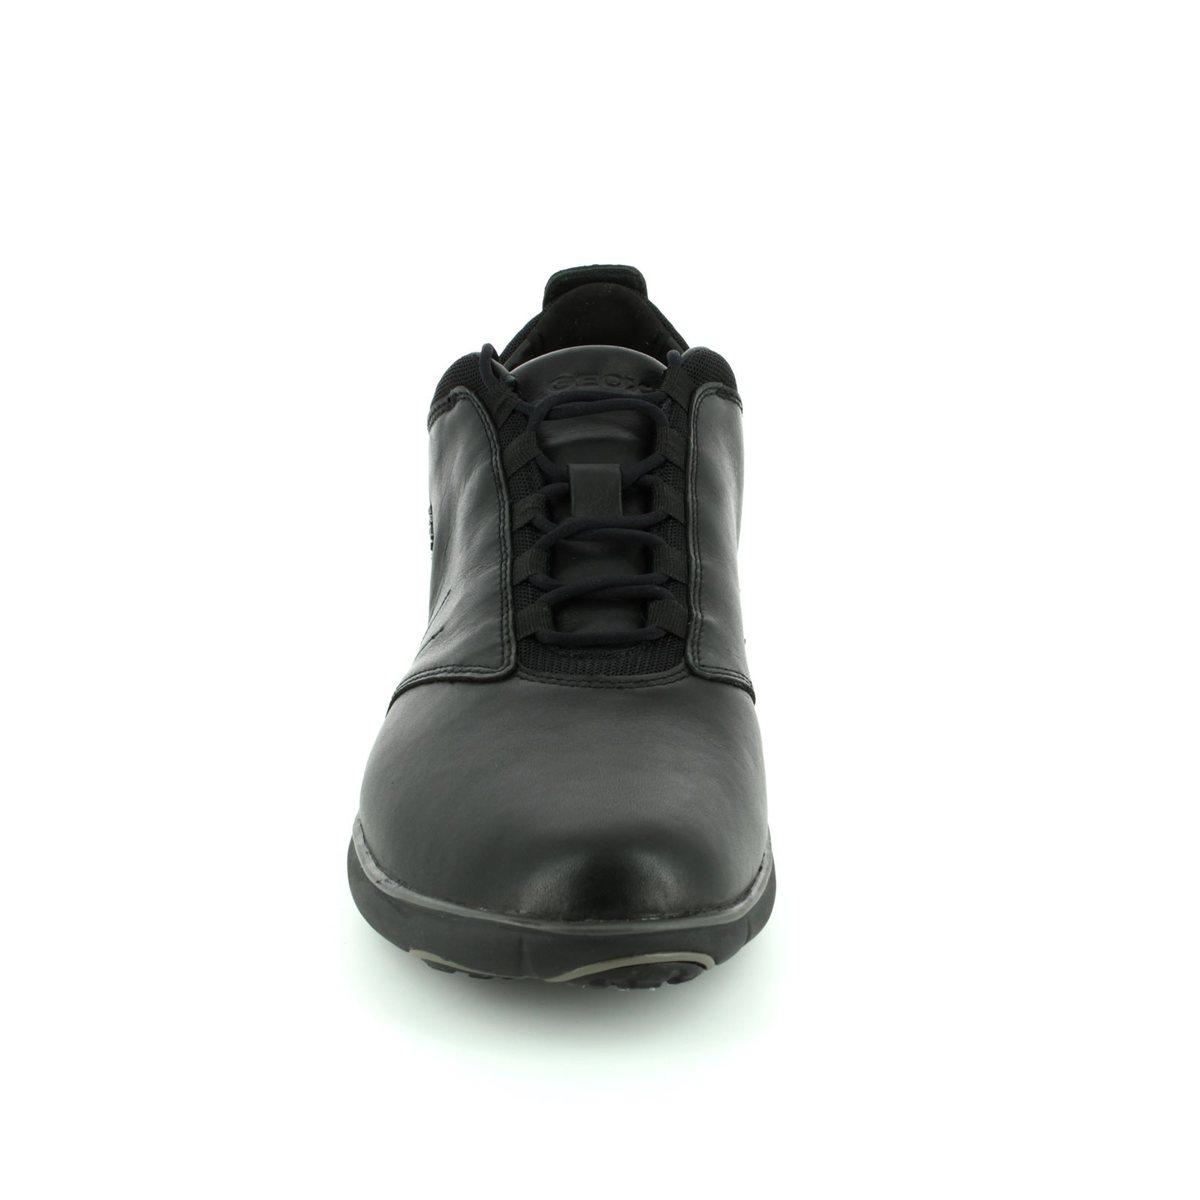 98fa0303a83 Geox Casual Shoes - Black - U52D7A/C9999 NEBULA MEN